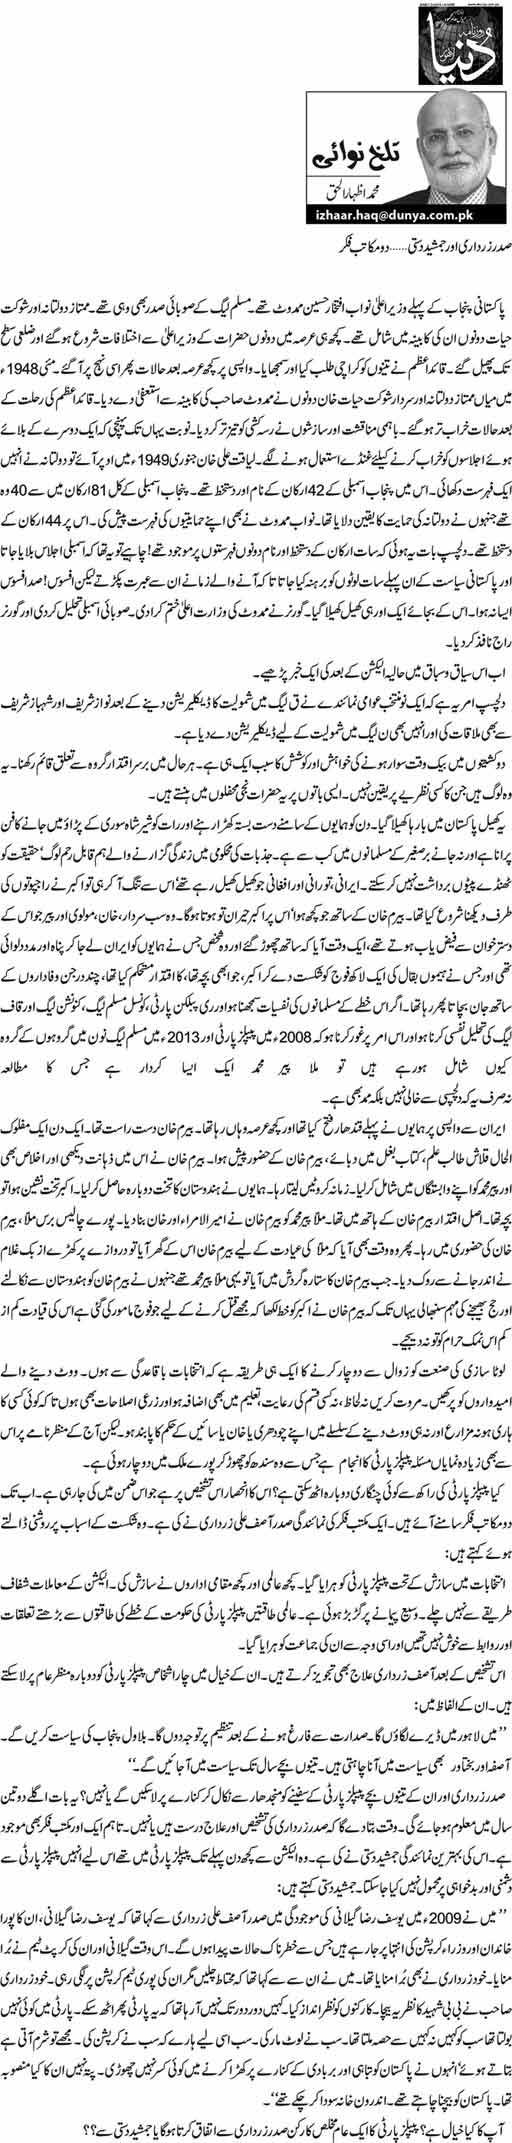 Sadar Zardari Aur Jamshed Dasti...2 Makatib e Fikr - M. Izhar ul Haq